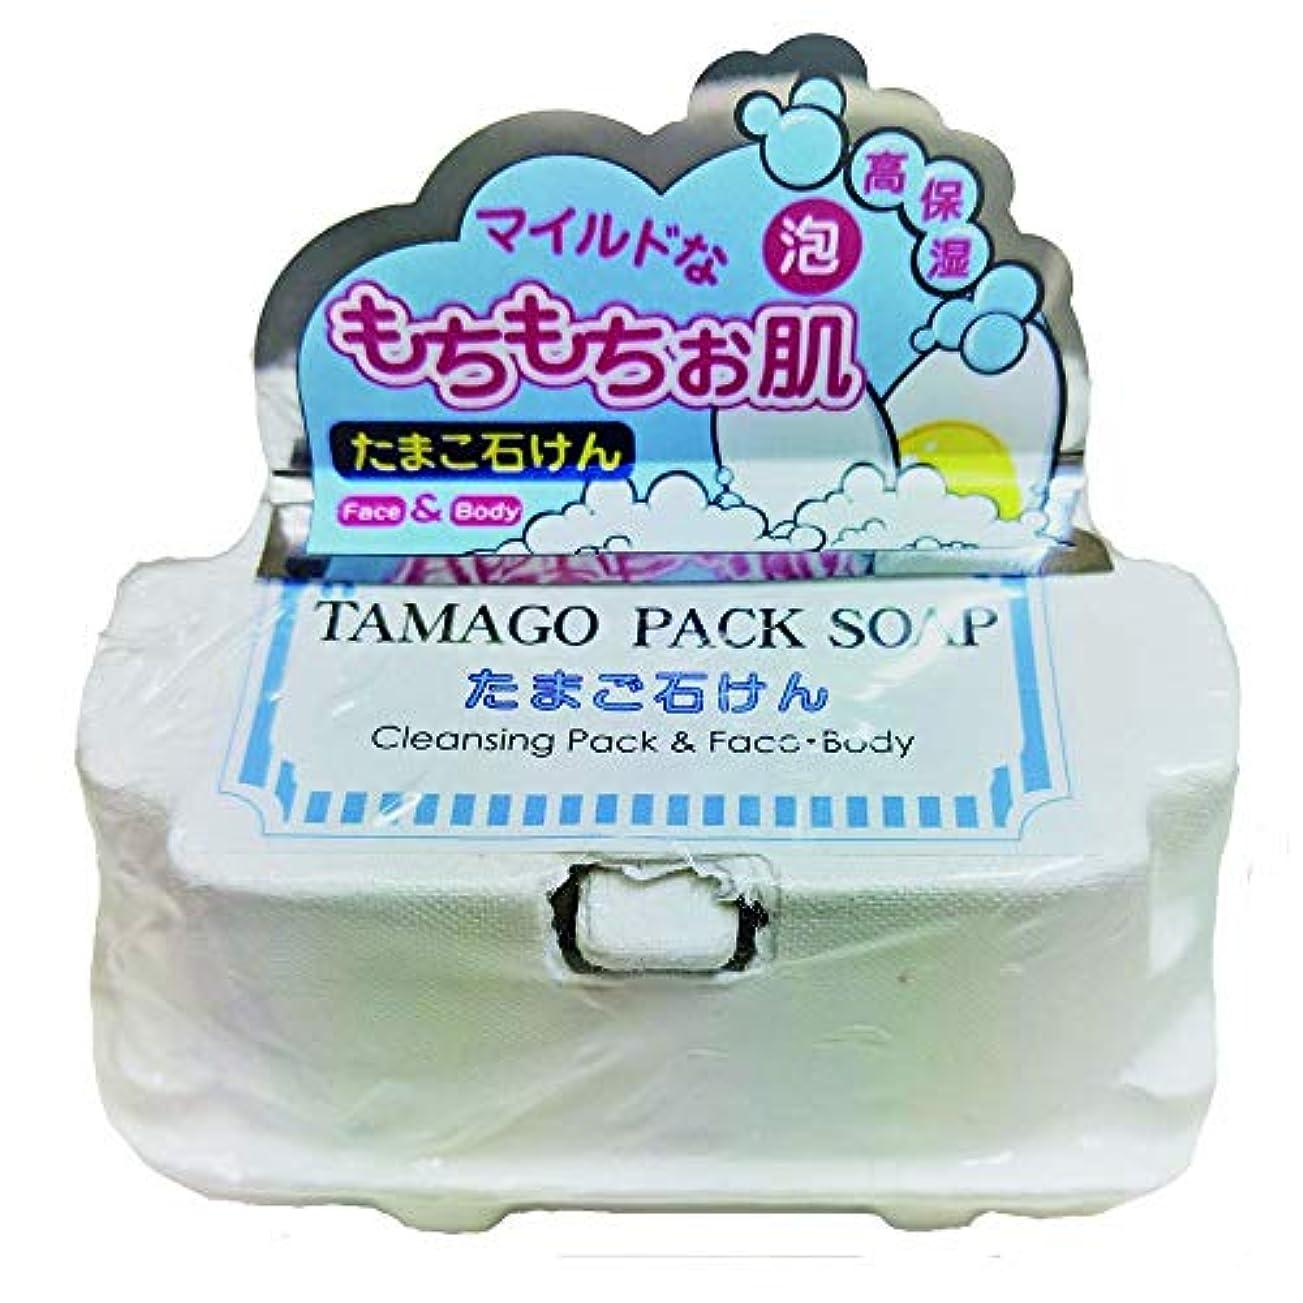 明らかに講師前文ドクターアト たまご石けん Dr.Ato TAMAGO PACK SOAP 50g×2